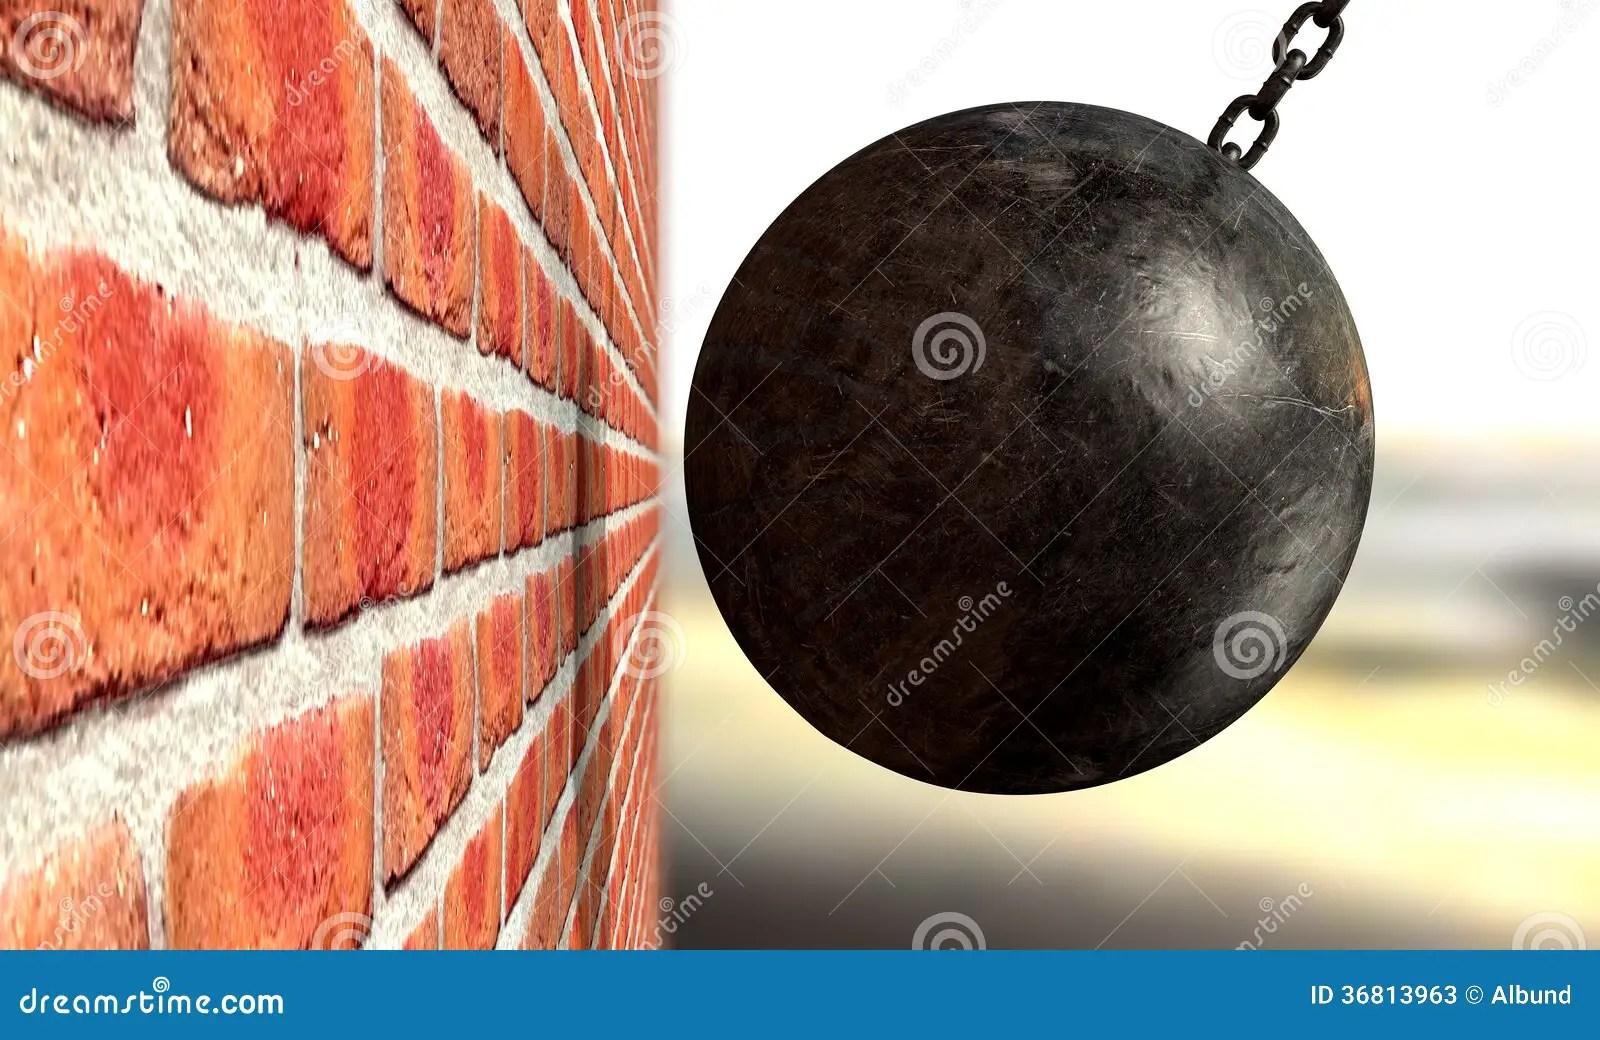 Brick Wall Wrecking Ball